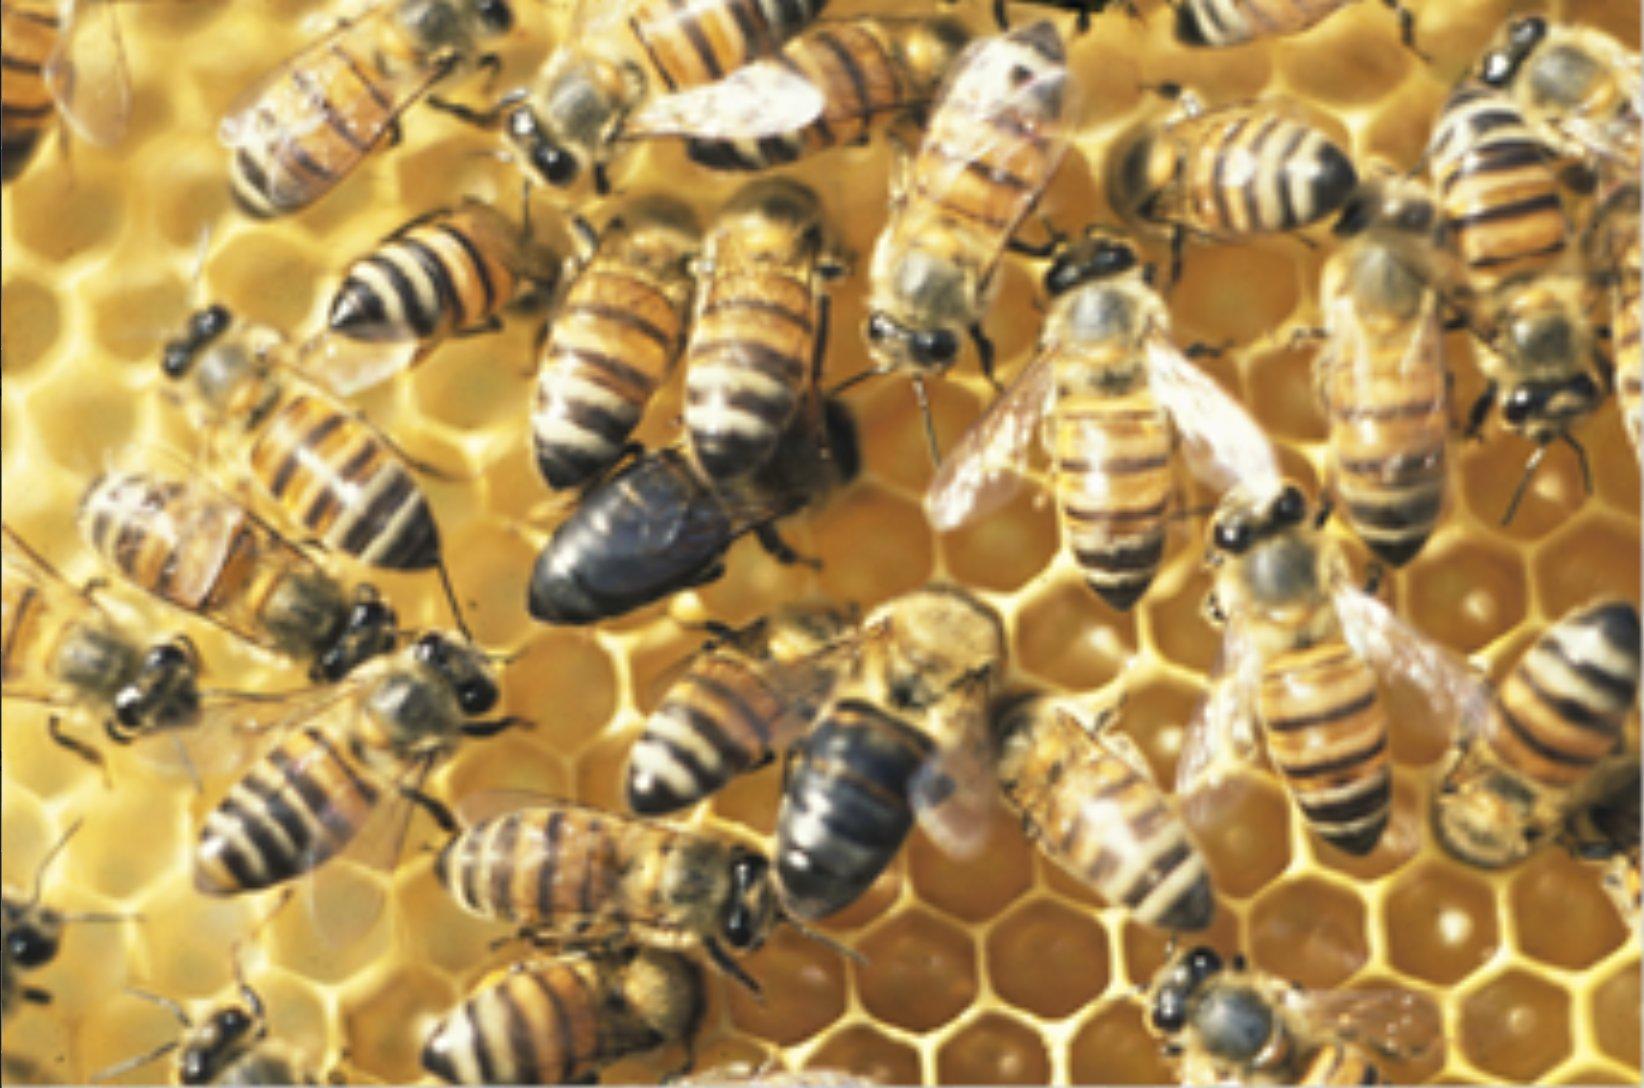 Мутация в одном гене позволяет рабочим пчелам Южной Африки размножаться